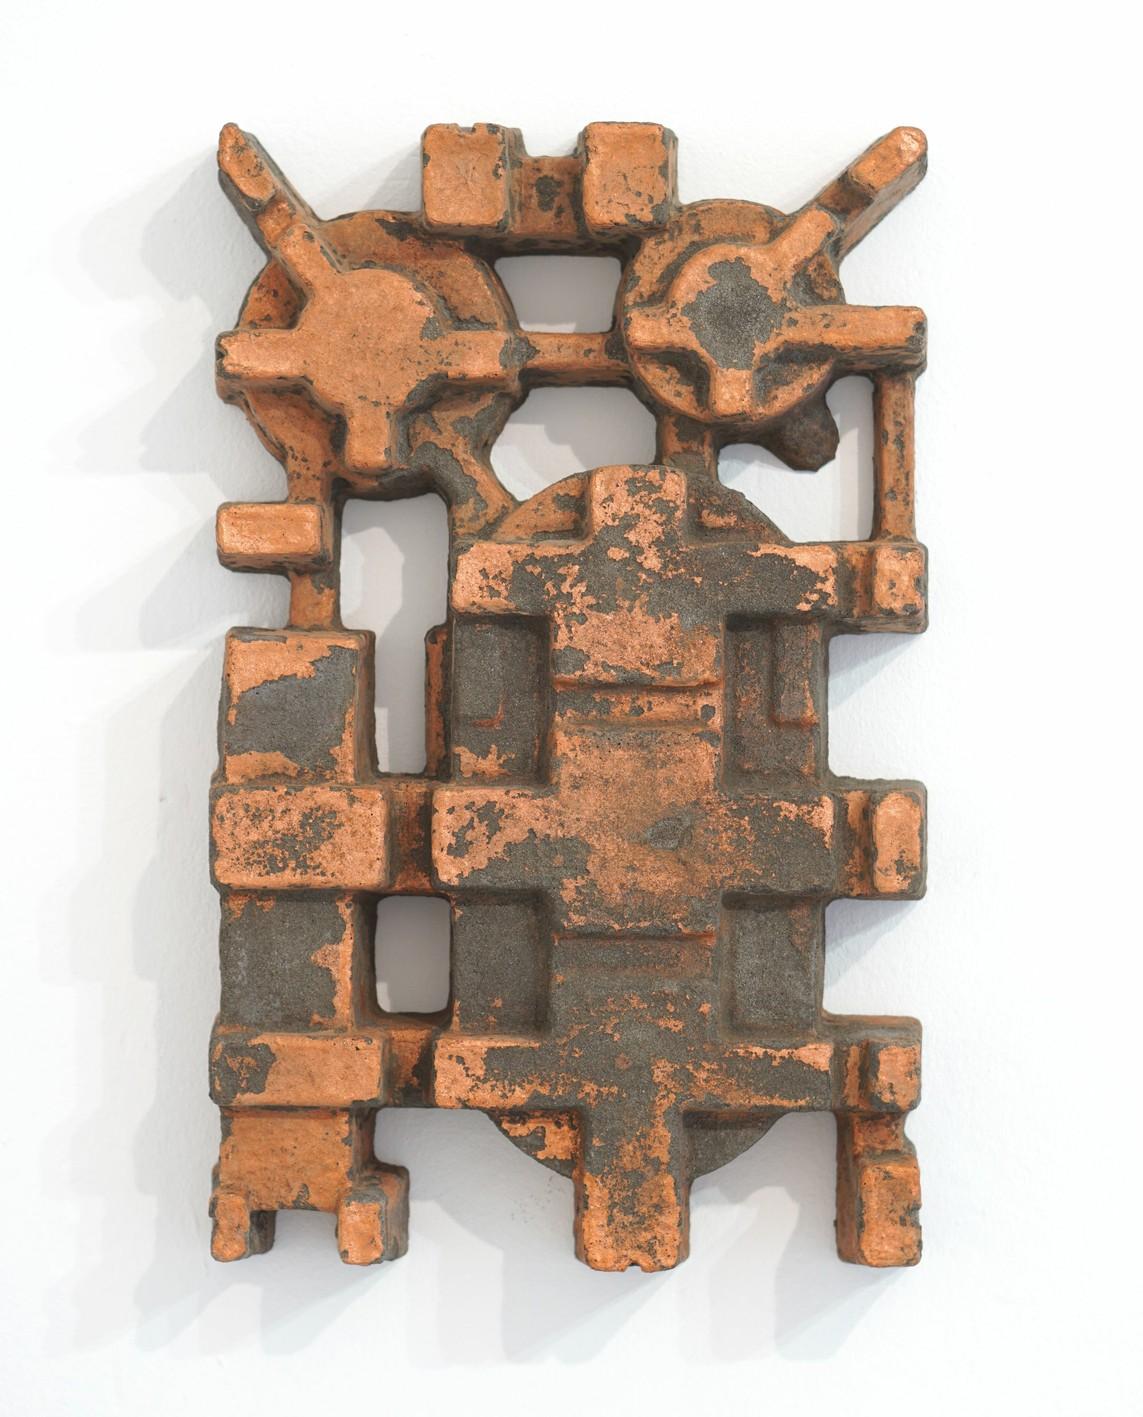 Umverpackung 57, 2019, Beton, Pigment, 34 x 54 x 8 cm